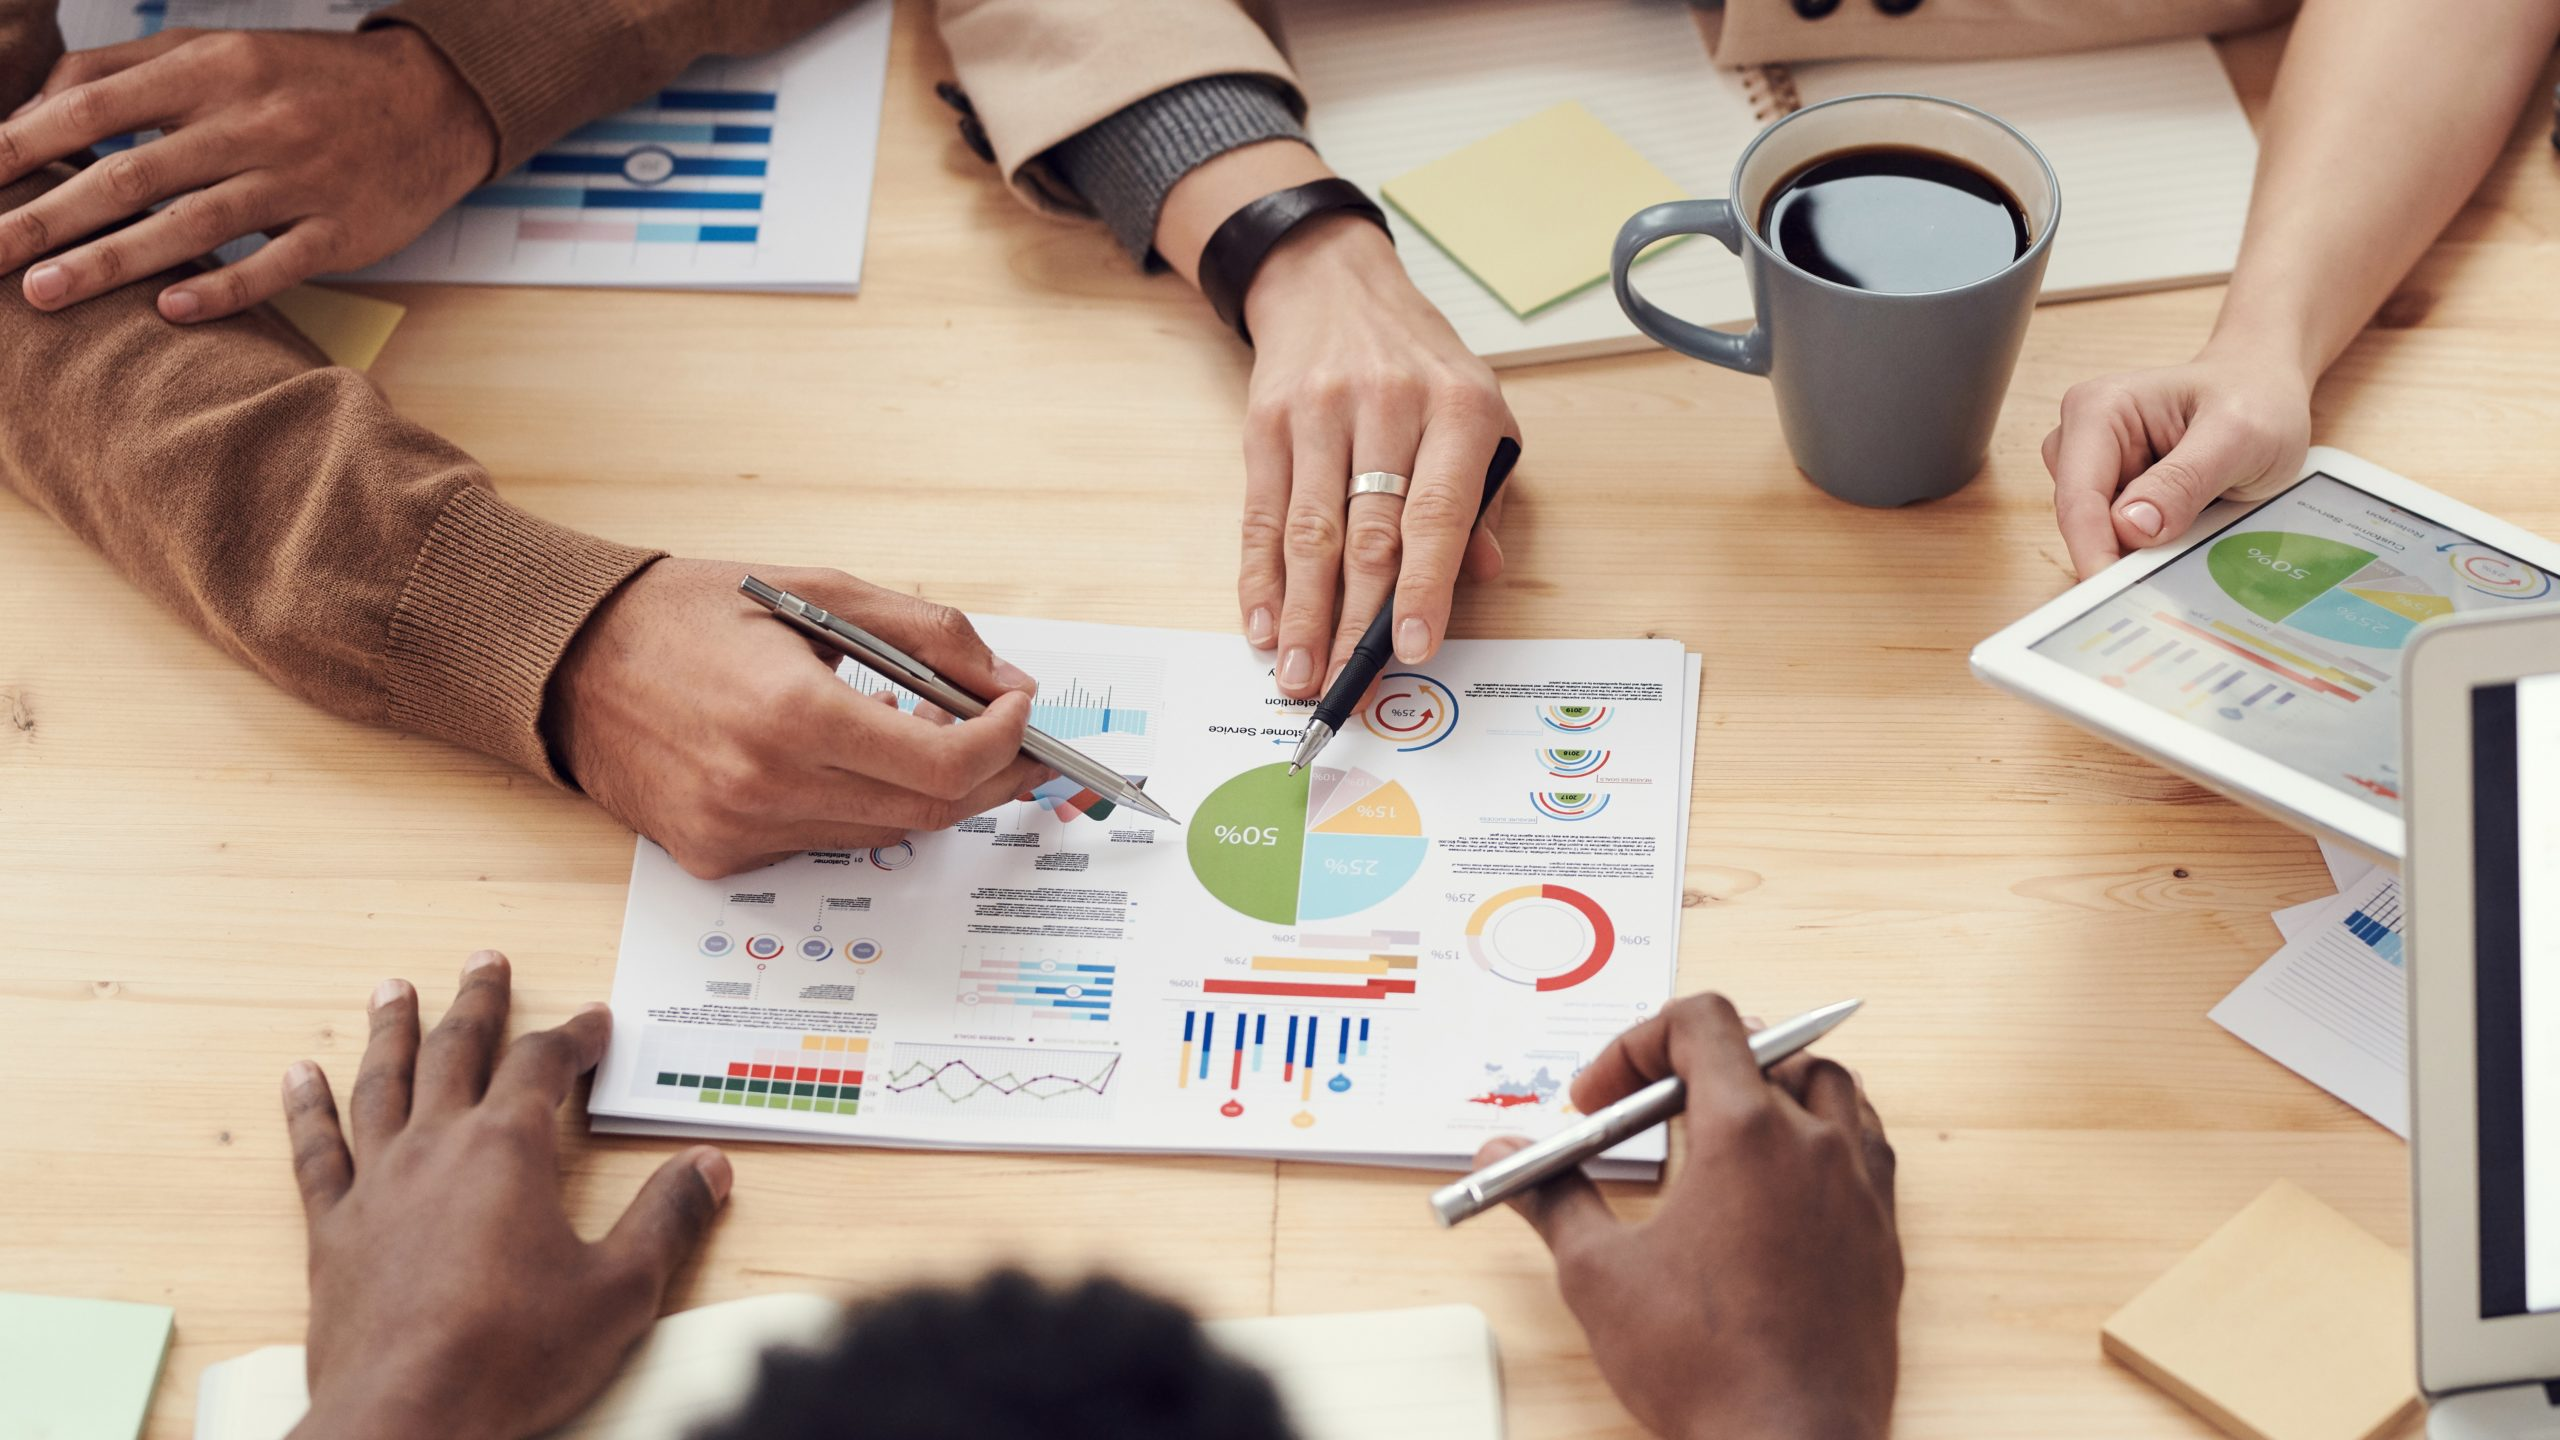 Misión, visión y valores: Reunidos mirando un gráfico